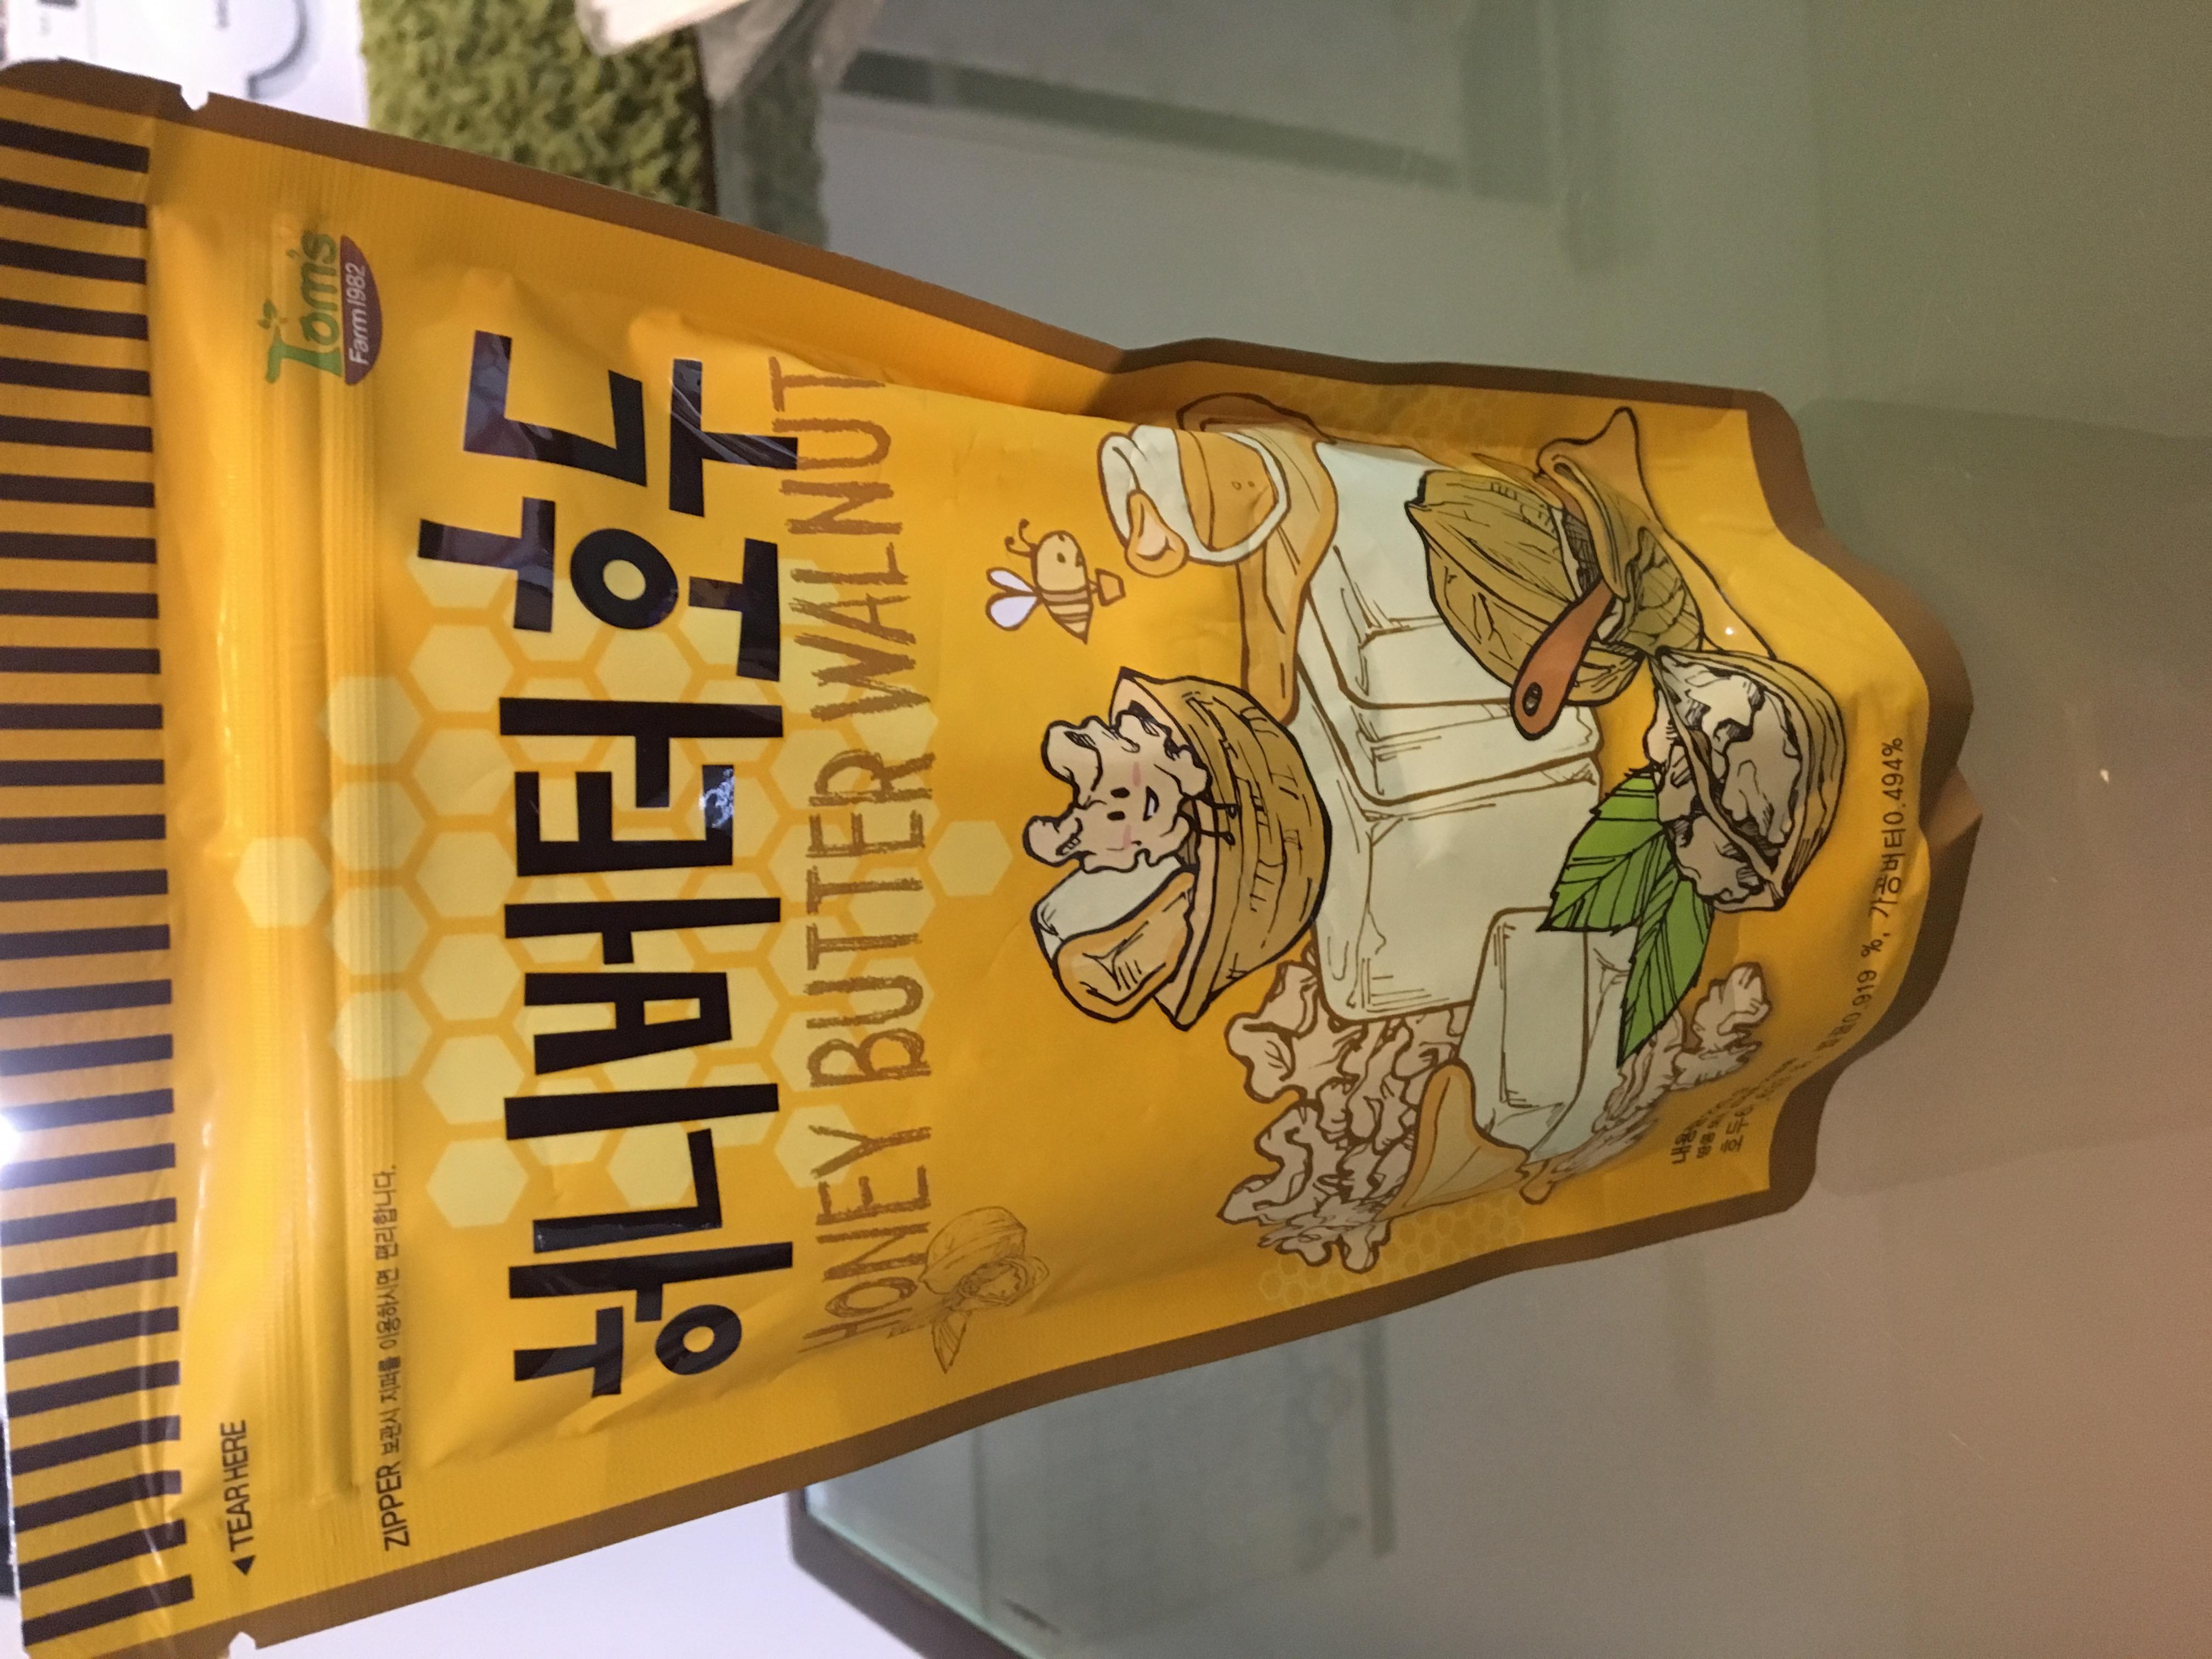 韓国のお土産、ハニーバターウォルナット。α-リノレン酸は血行を良くします。